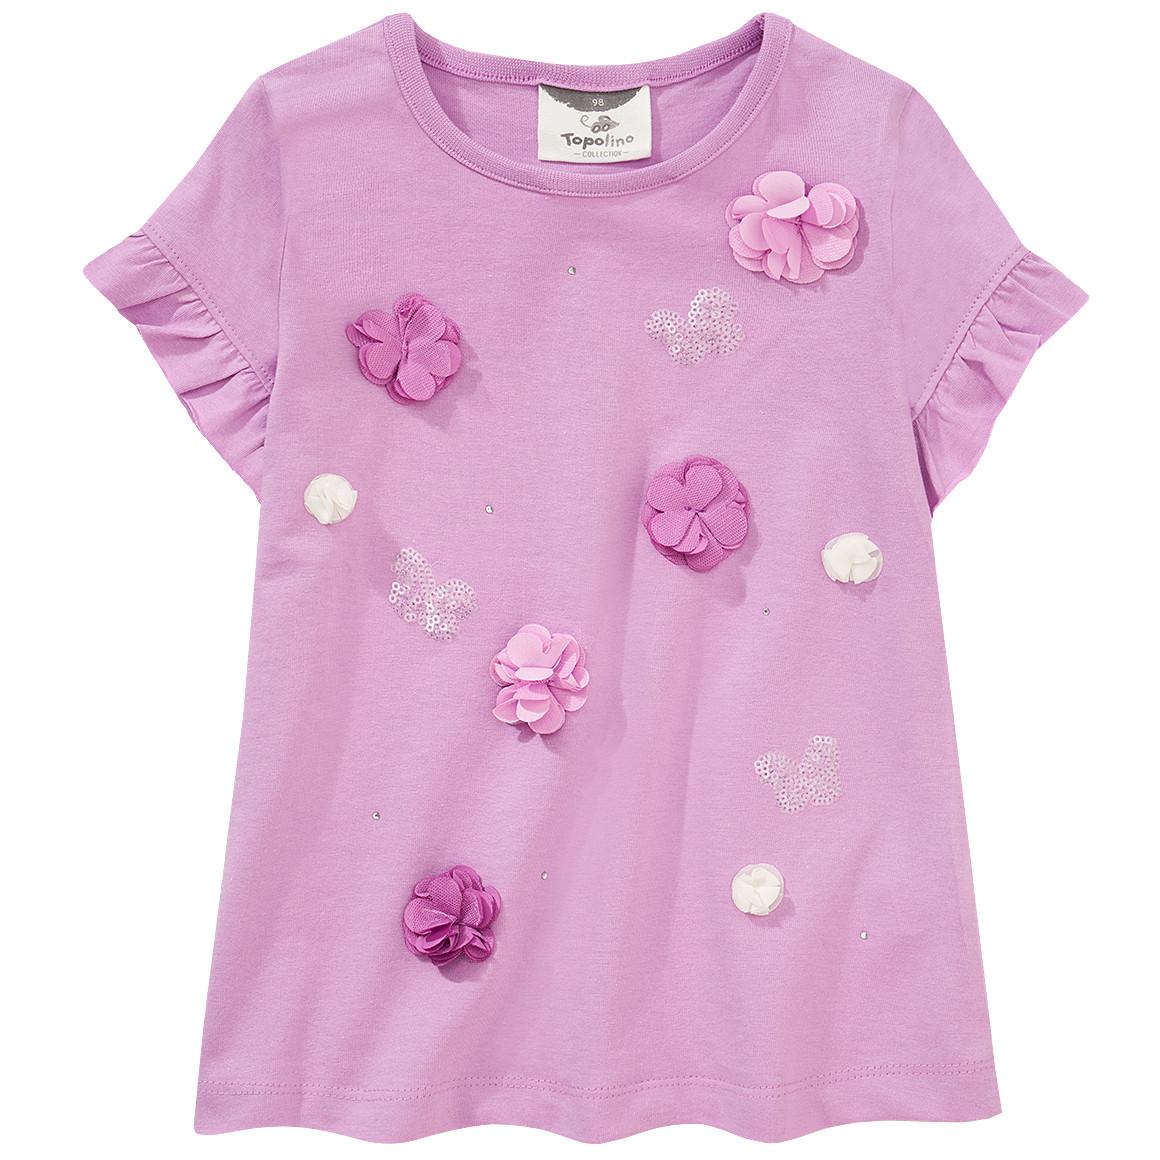 Mädchen T-Shirt mit Blüten Applikationen